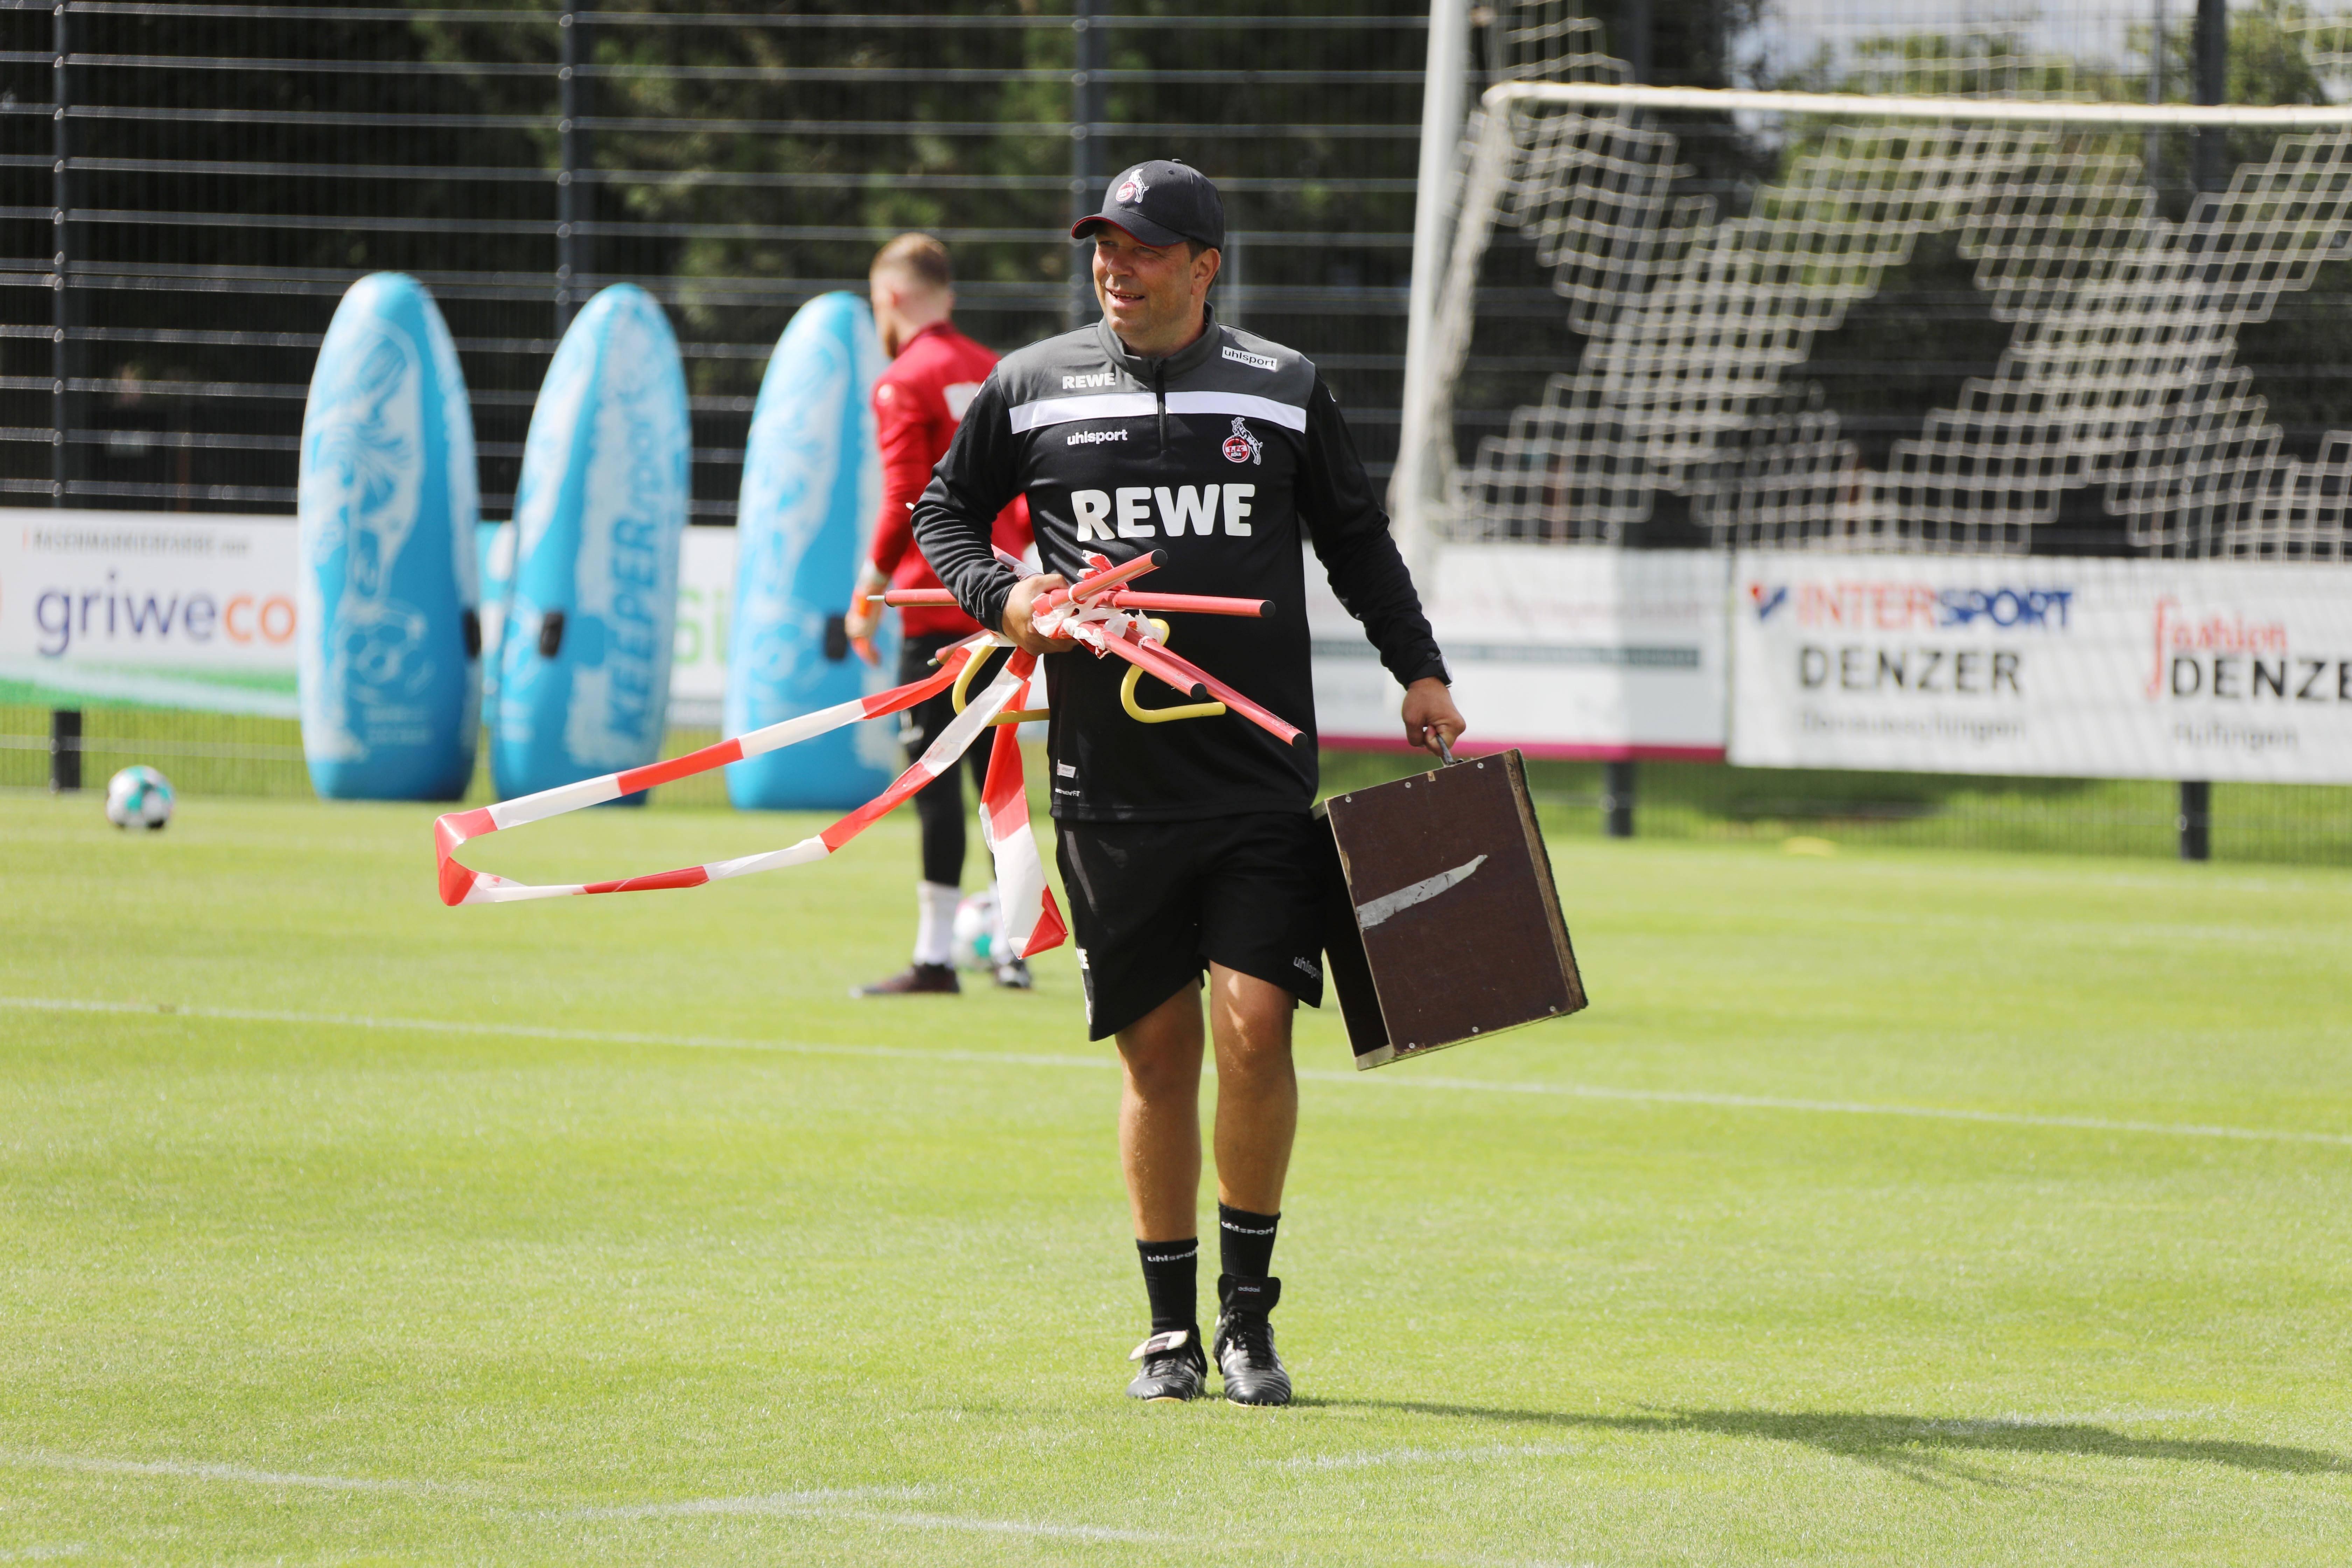 Andreas Menger con  equipo de entrenamiento en el campo.